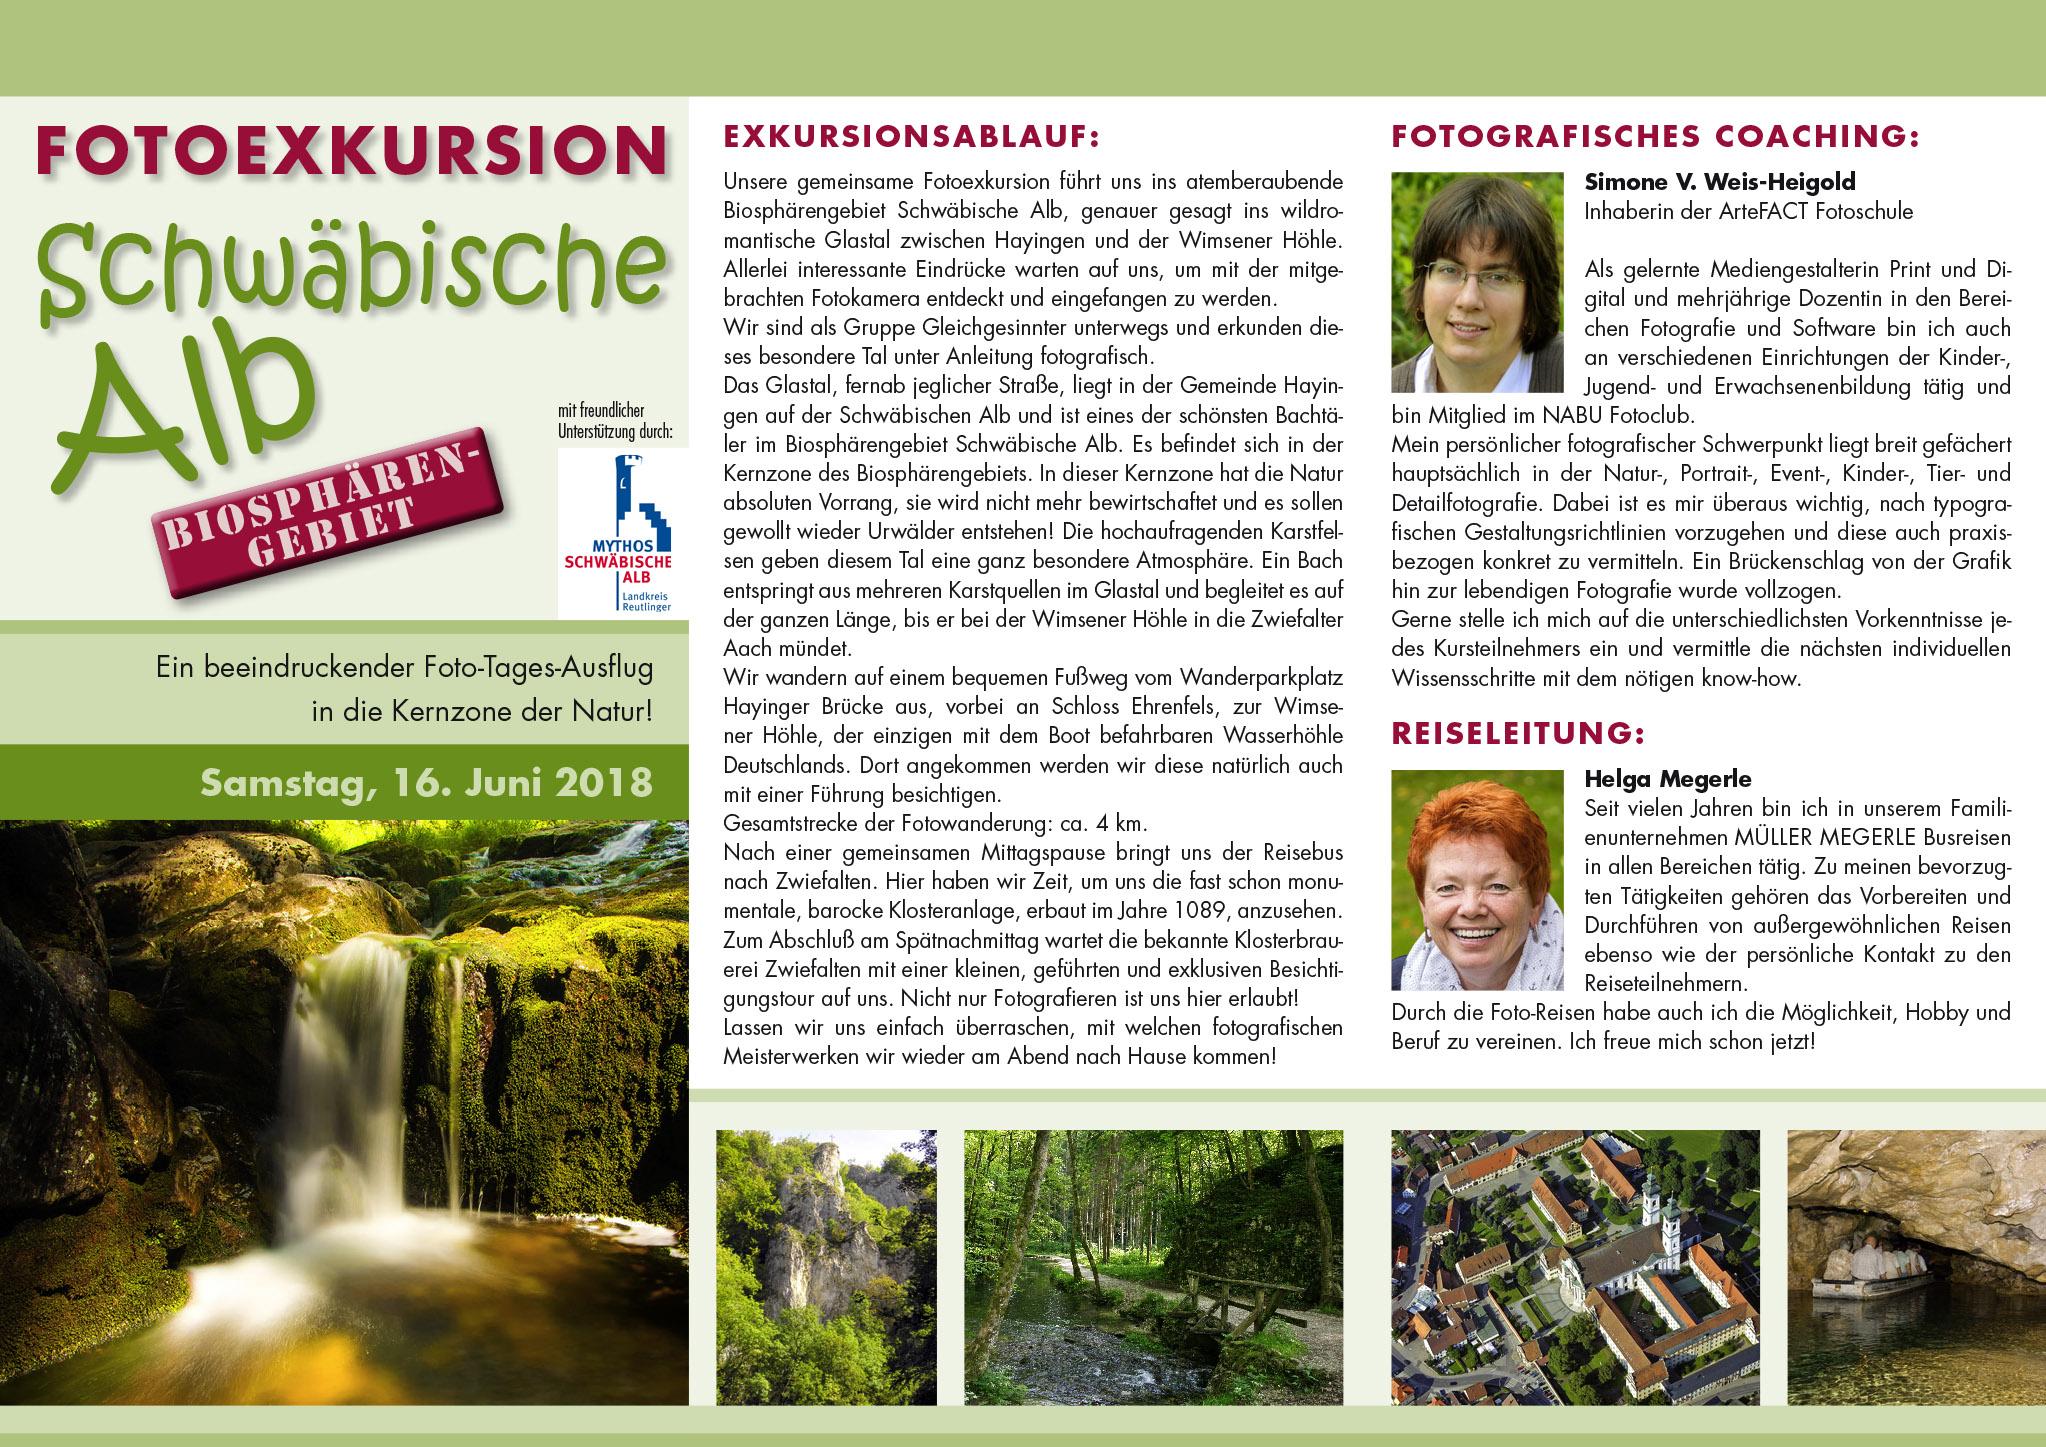 Fotoexkursion Biosphärengebiet Schwäbische Alb